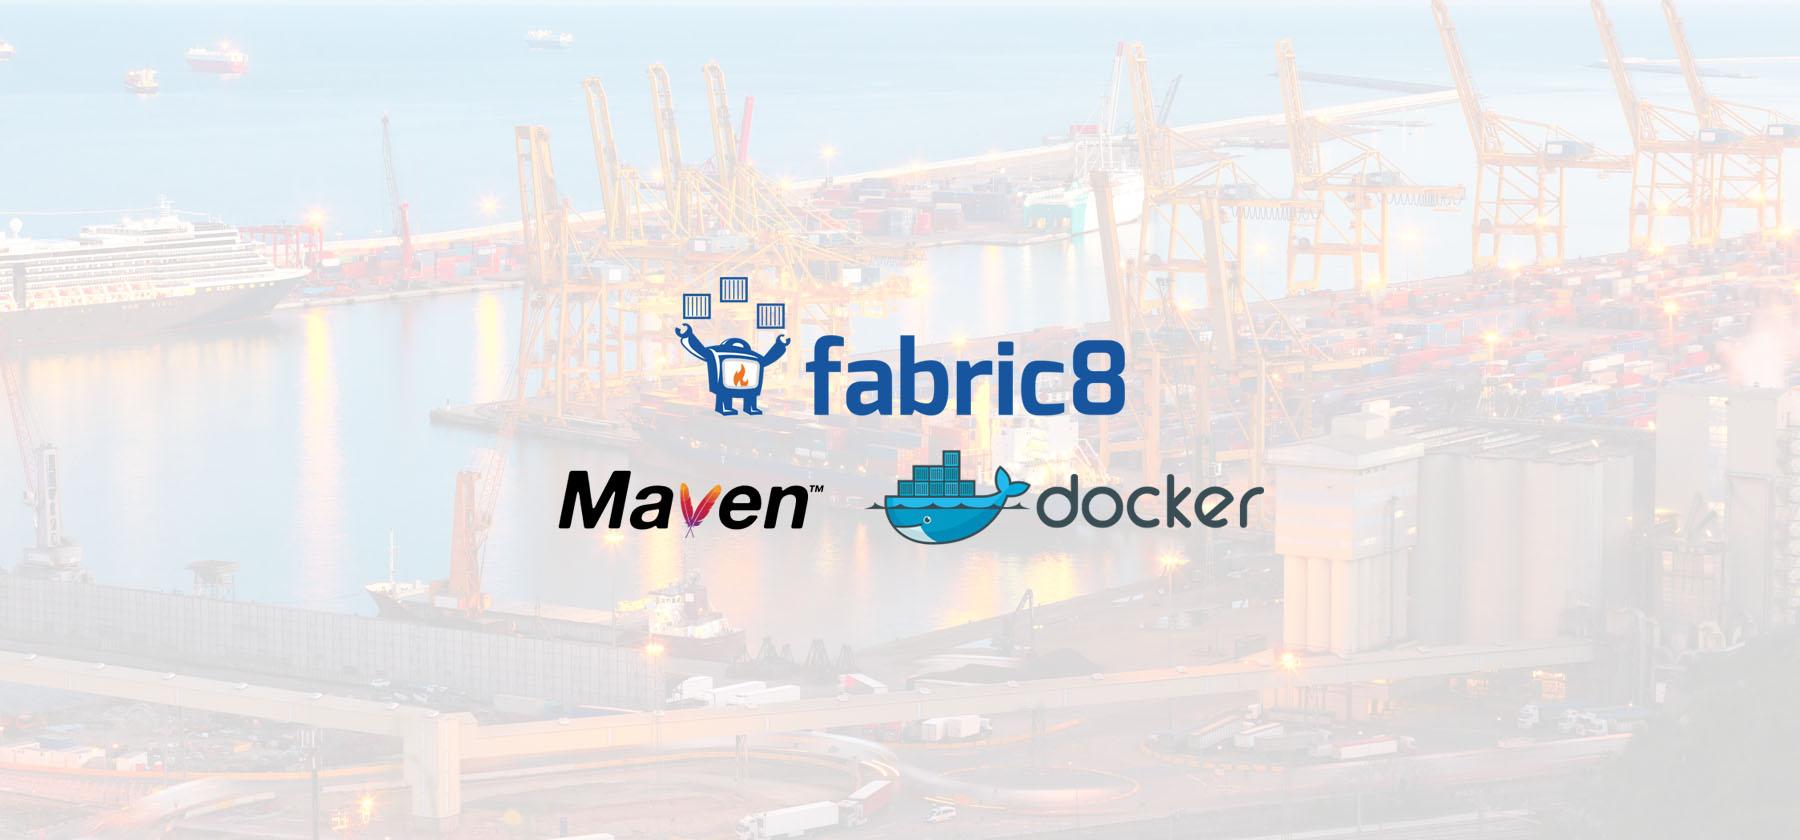 Fabric8 para gestionar imágenes y contenedores docker desde maven